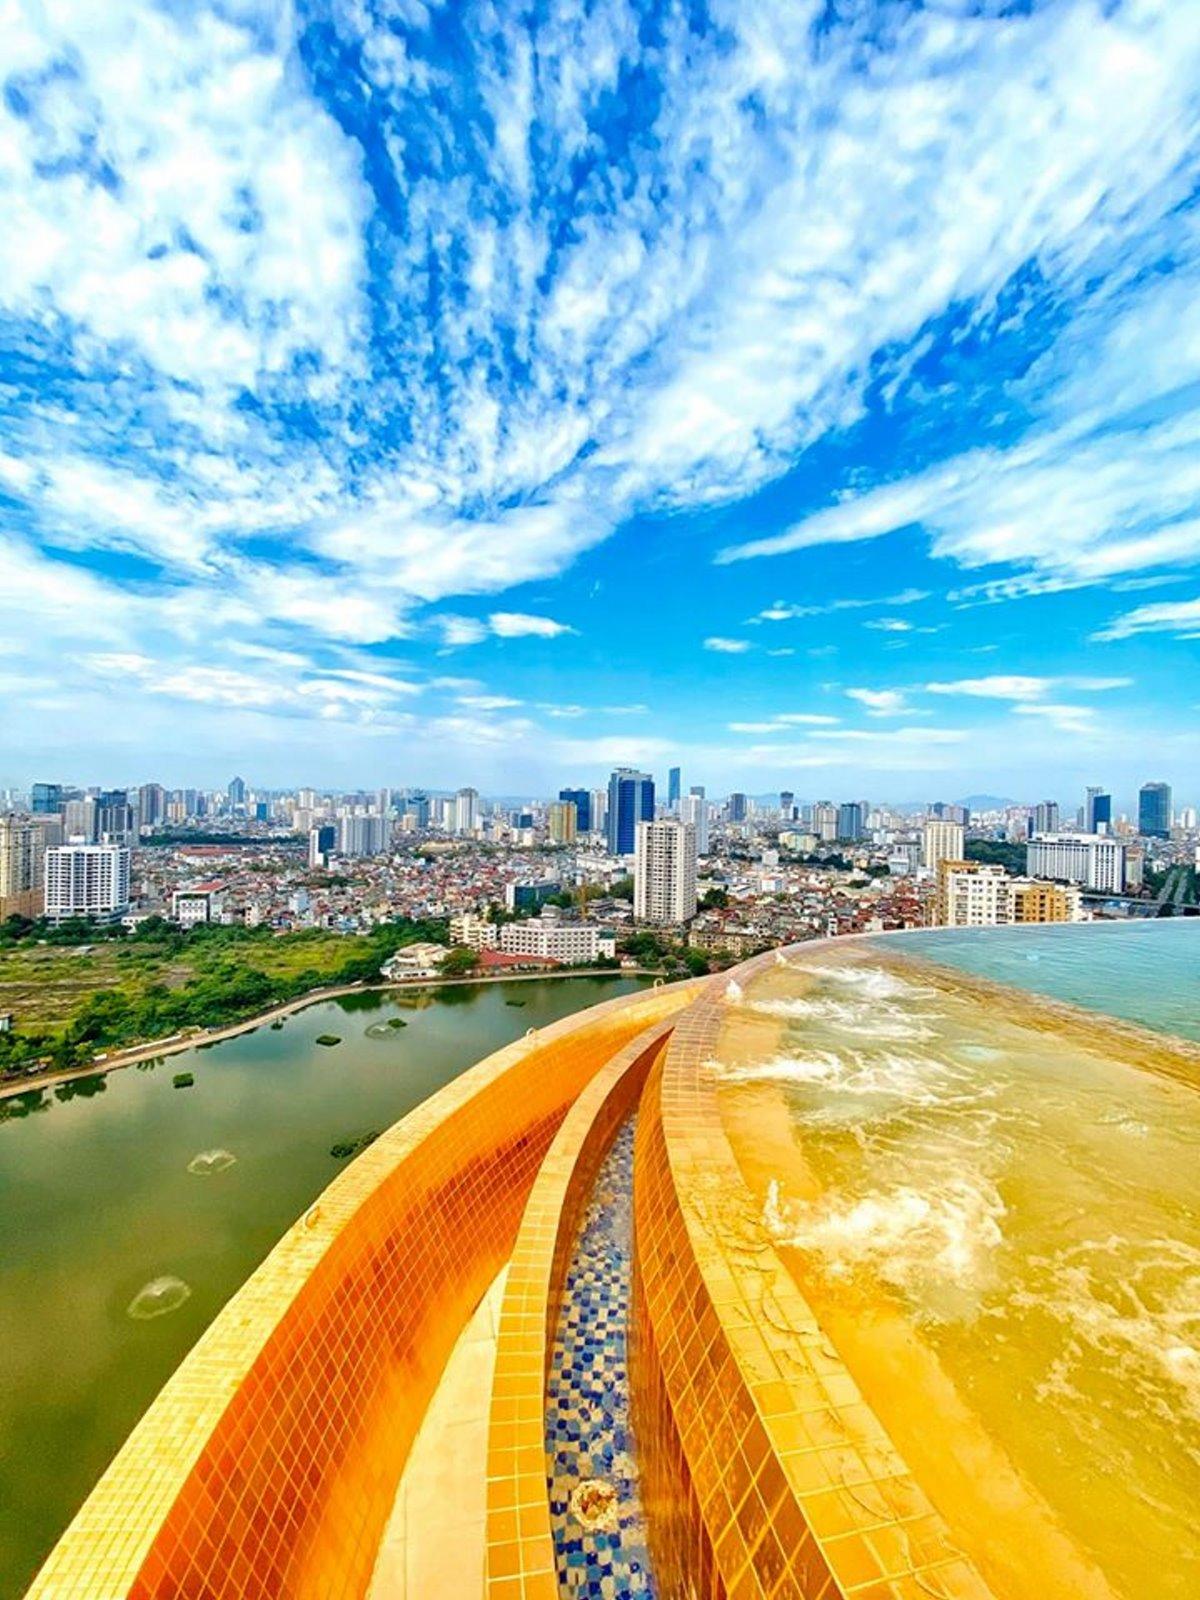 η πισίνα από πλακίδια χρυσού στο ξενοδοχείο στο Ανόι